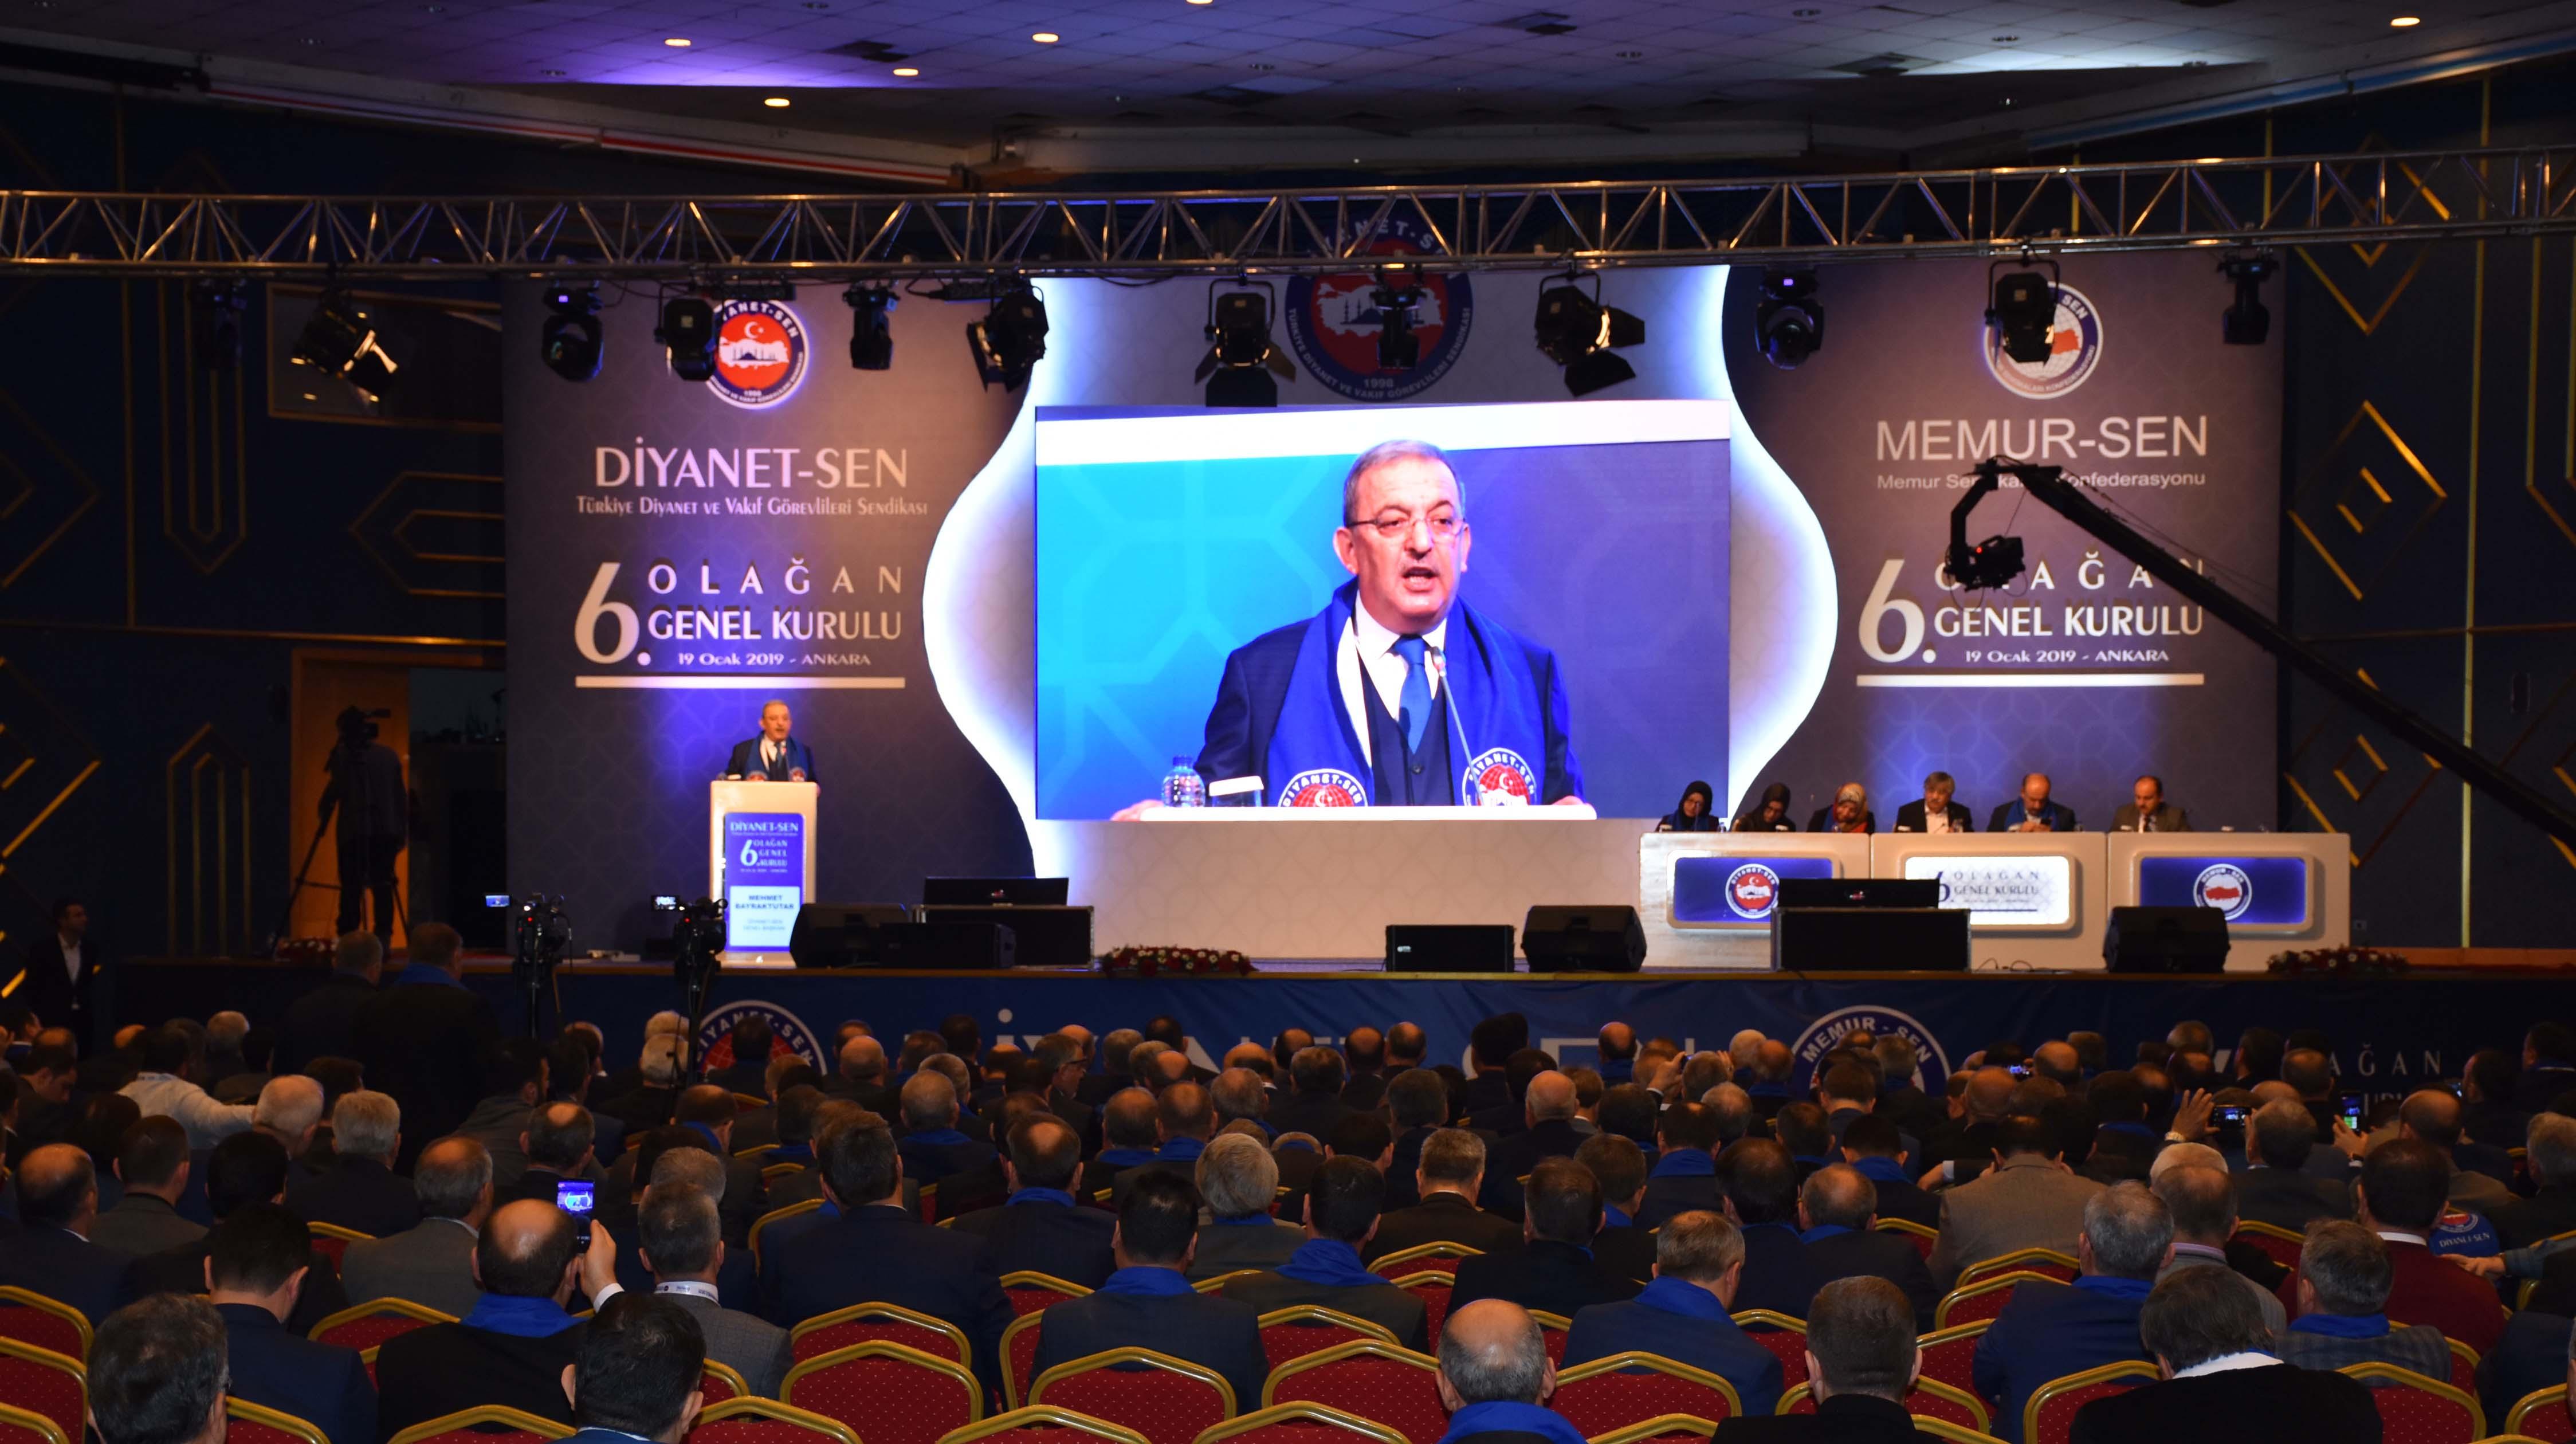 Birlik Haber-Sen Yönetimi Diyanet-Sen'in 6. Olağan Genel Kurulu'na Katıldı.